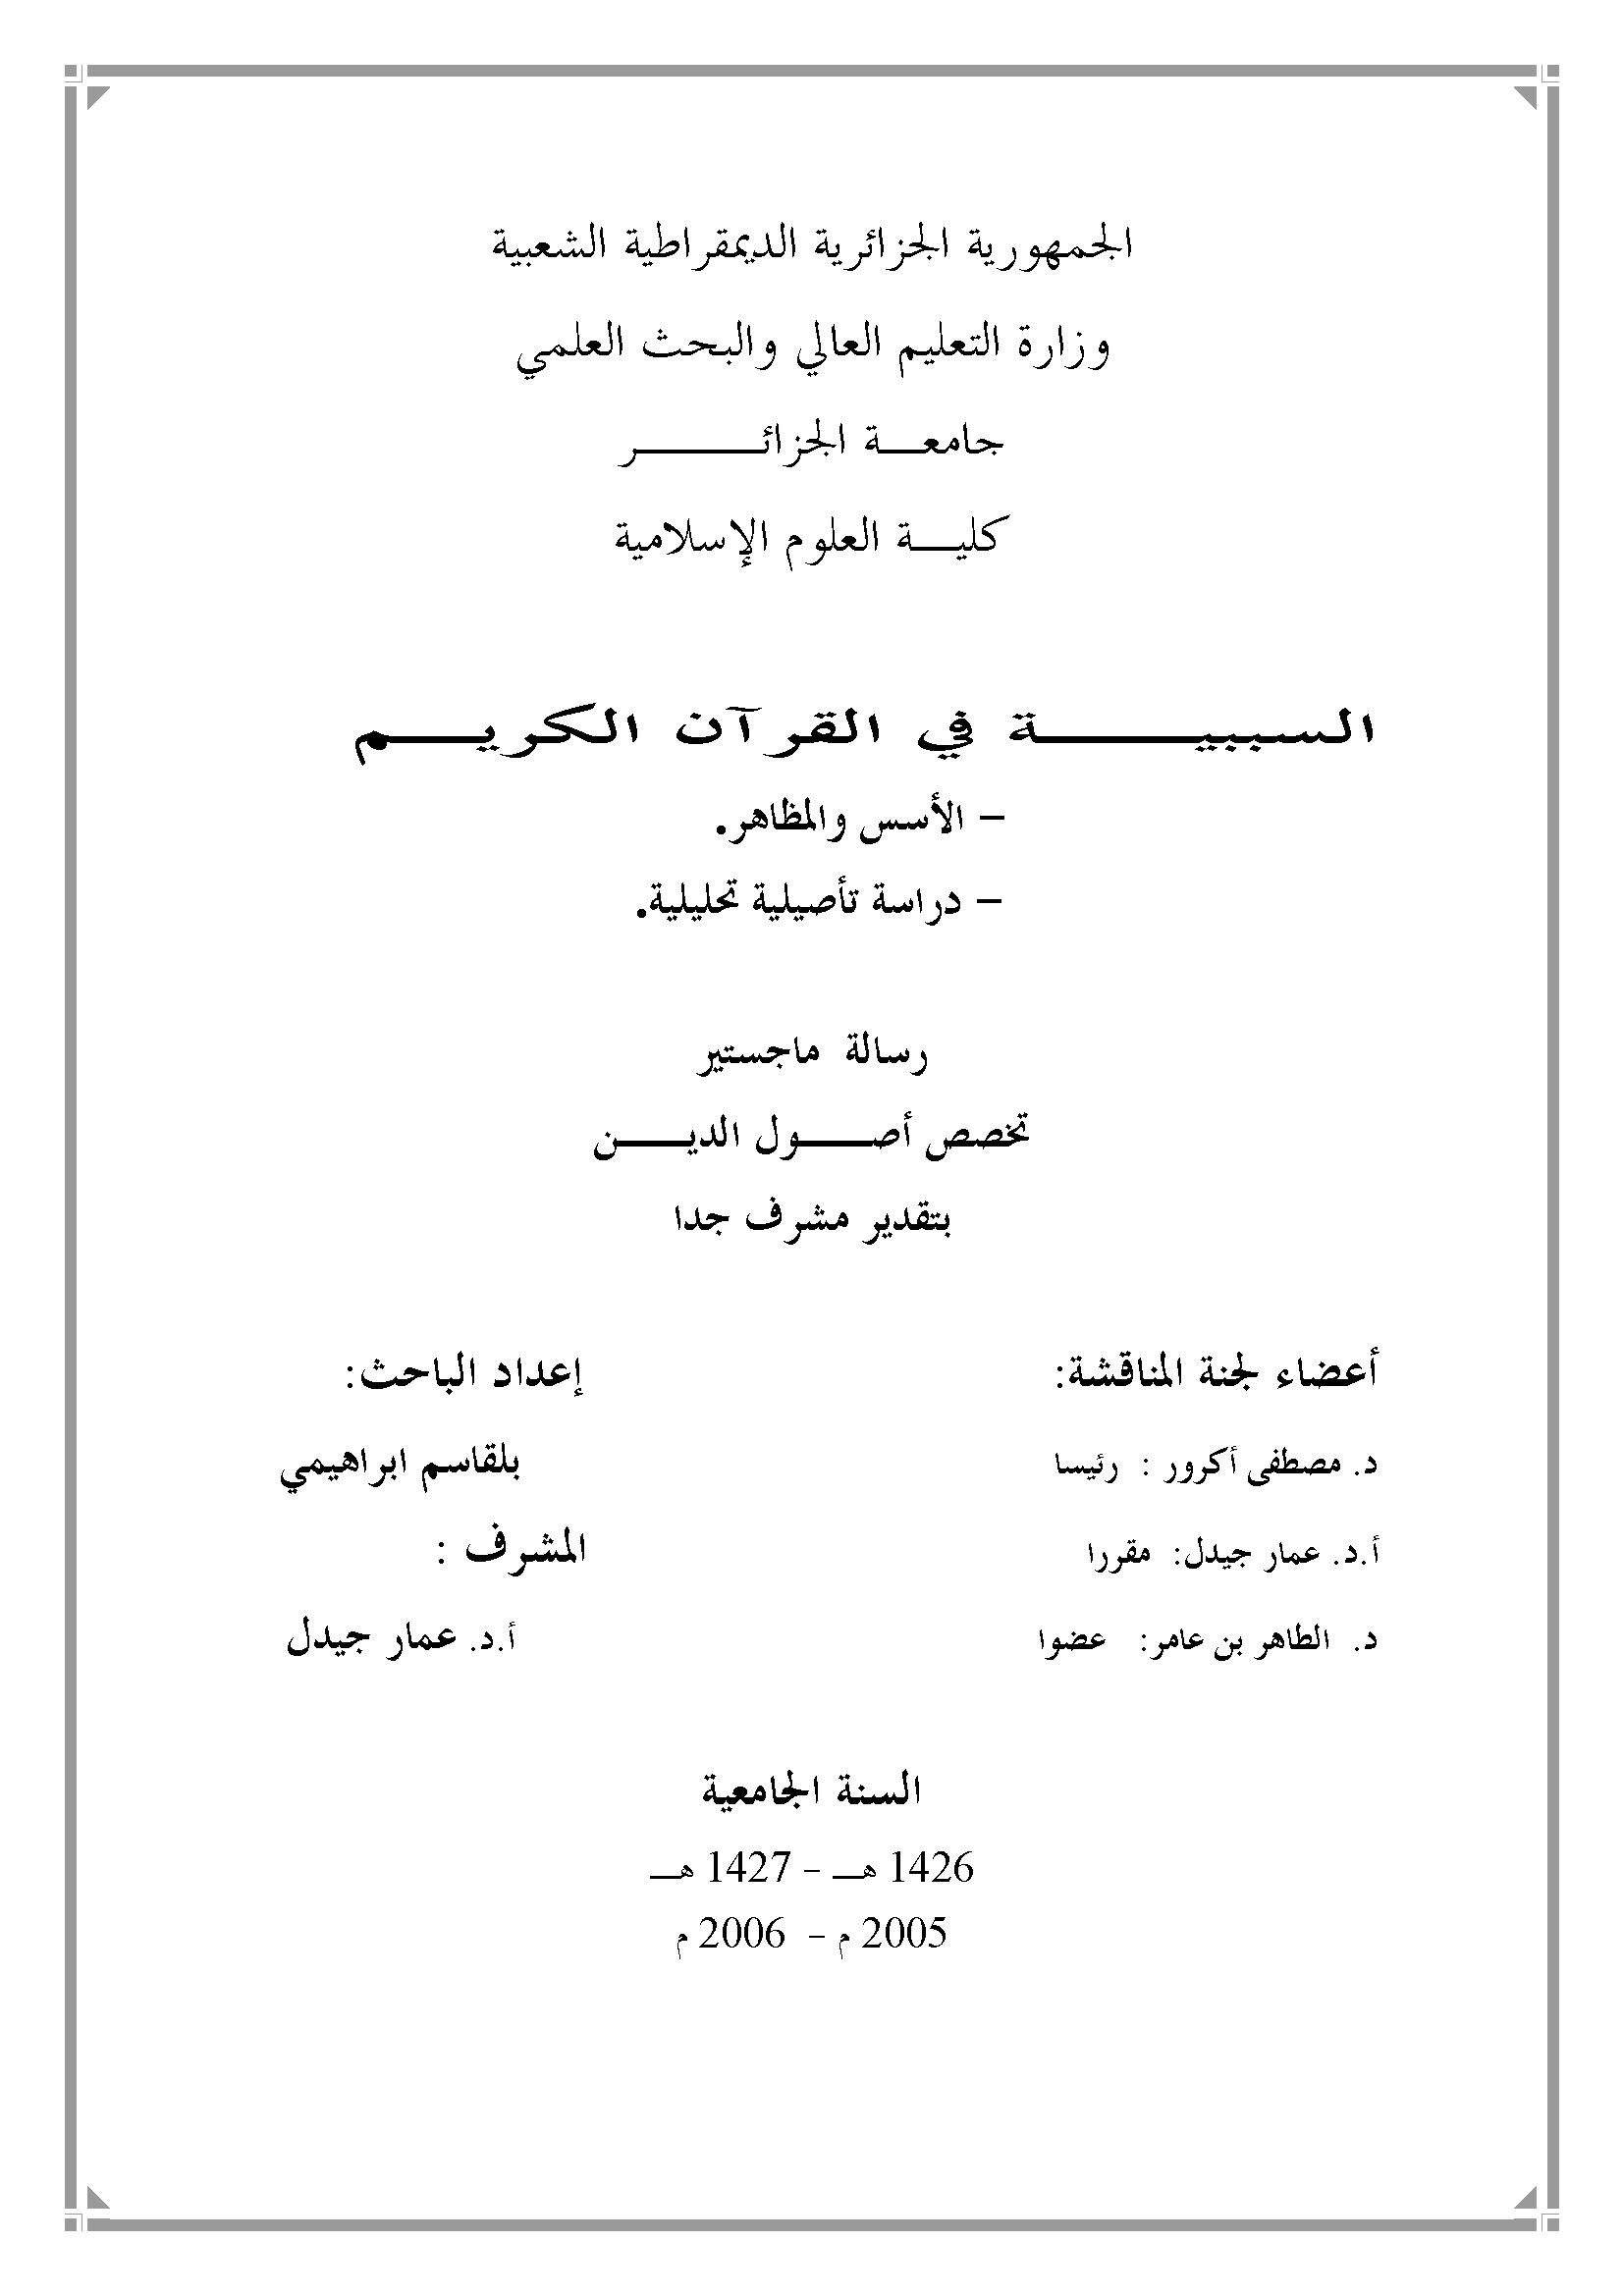 تحميل كتاب السببية في القرآن الكريم: الأسس والمظاهر - دراسة تأصيلية تحليلية لـِ: بلقاسم إبراهيمي